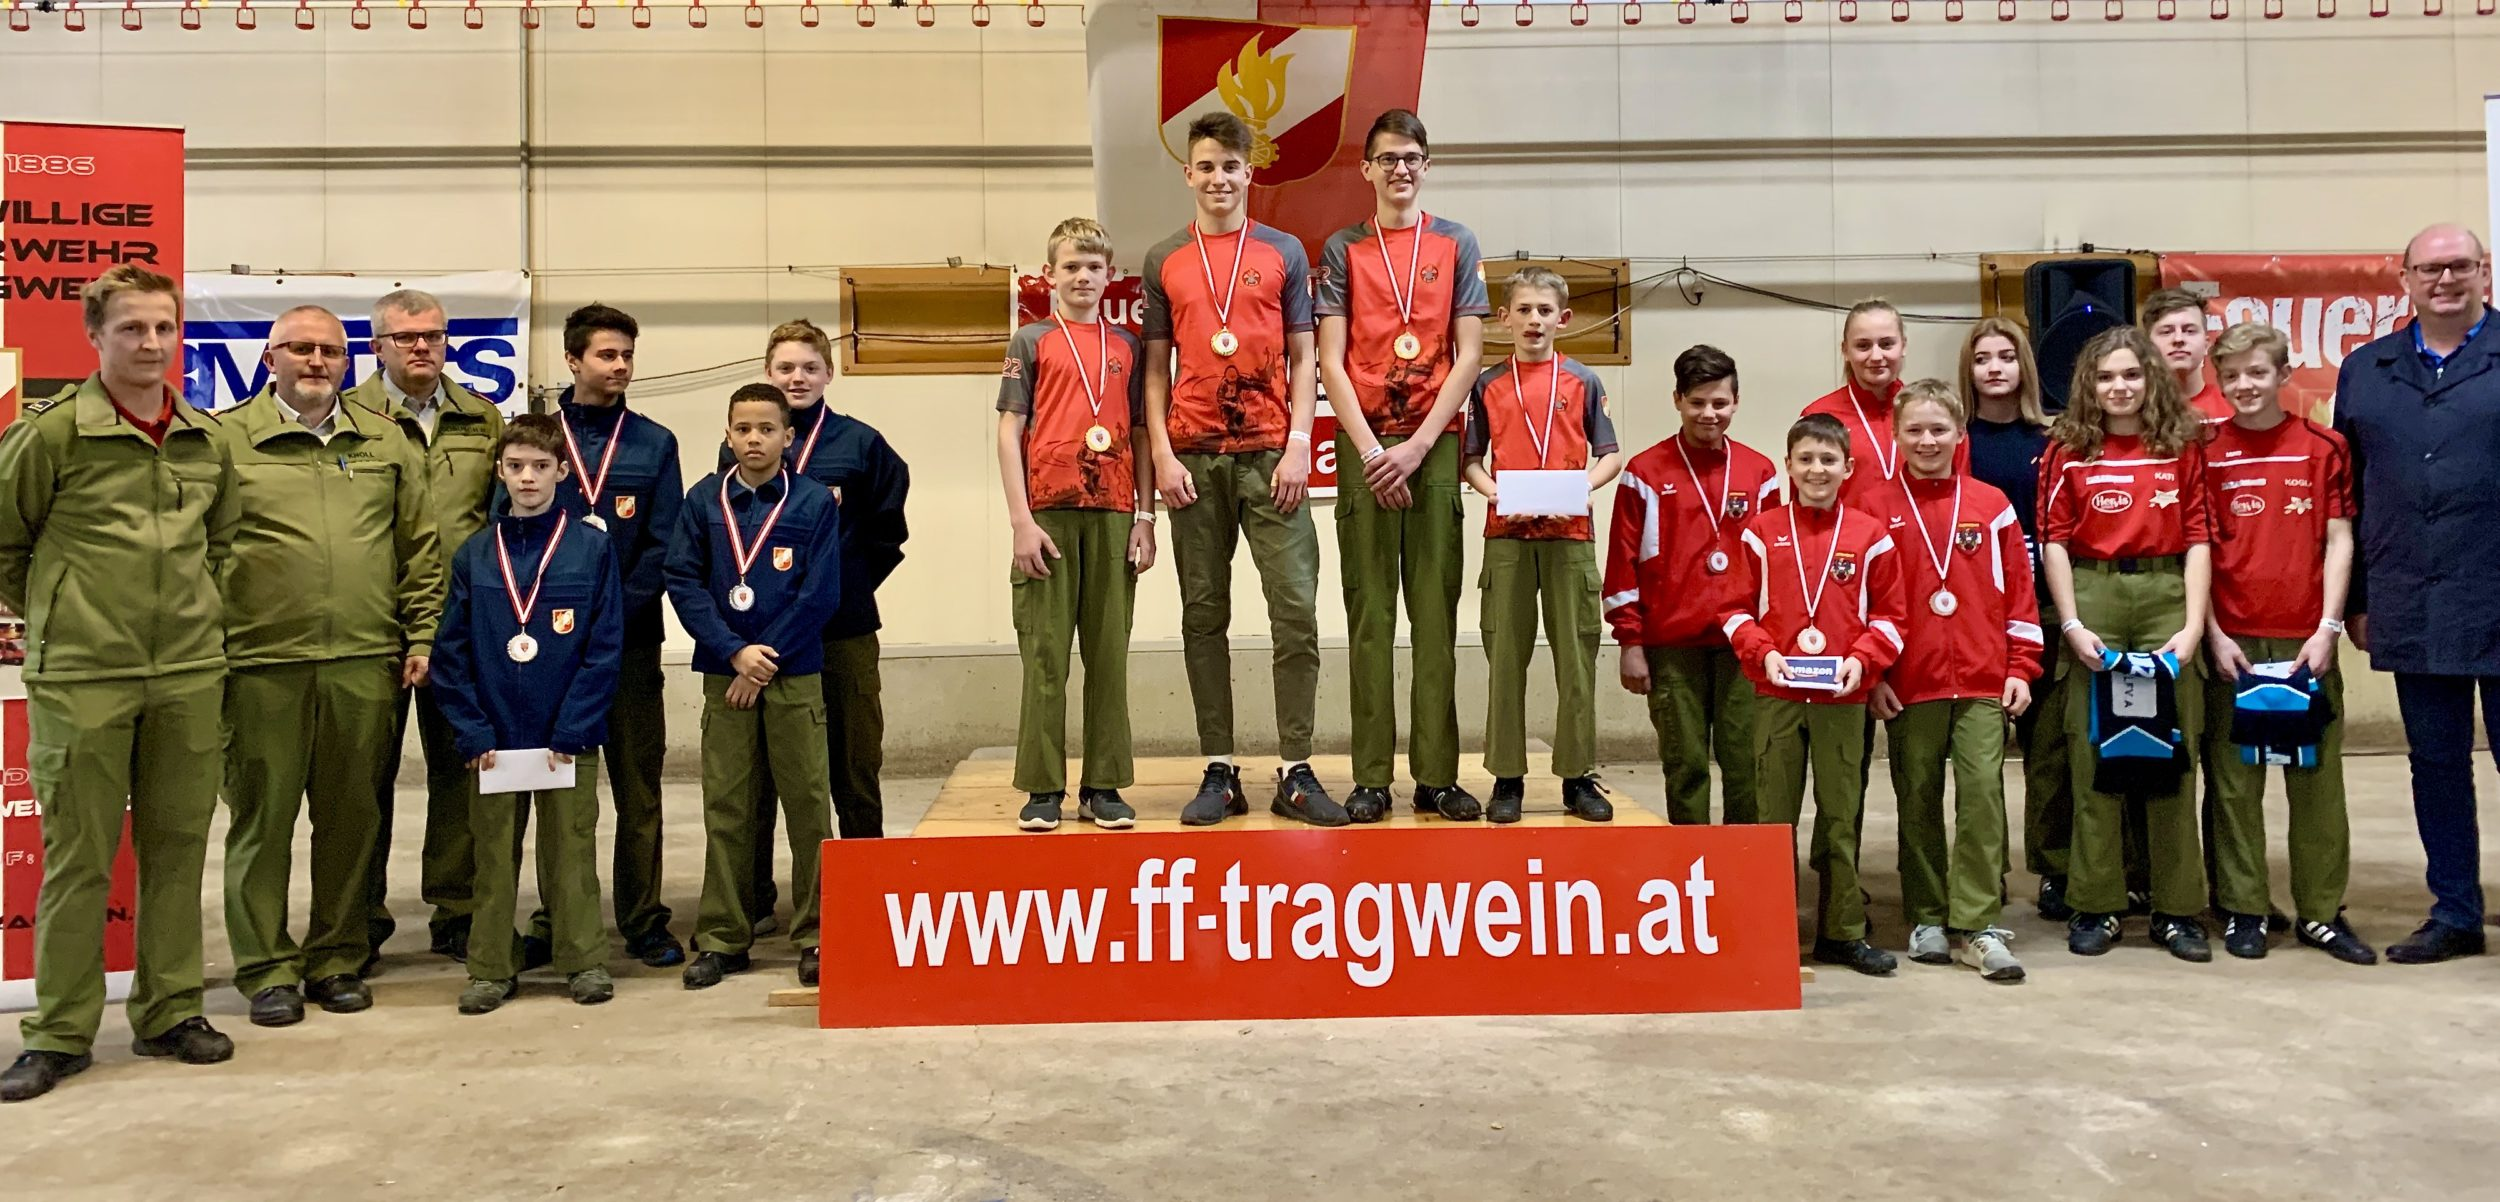 Sieg beim Jugendcup in Tragwein!